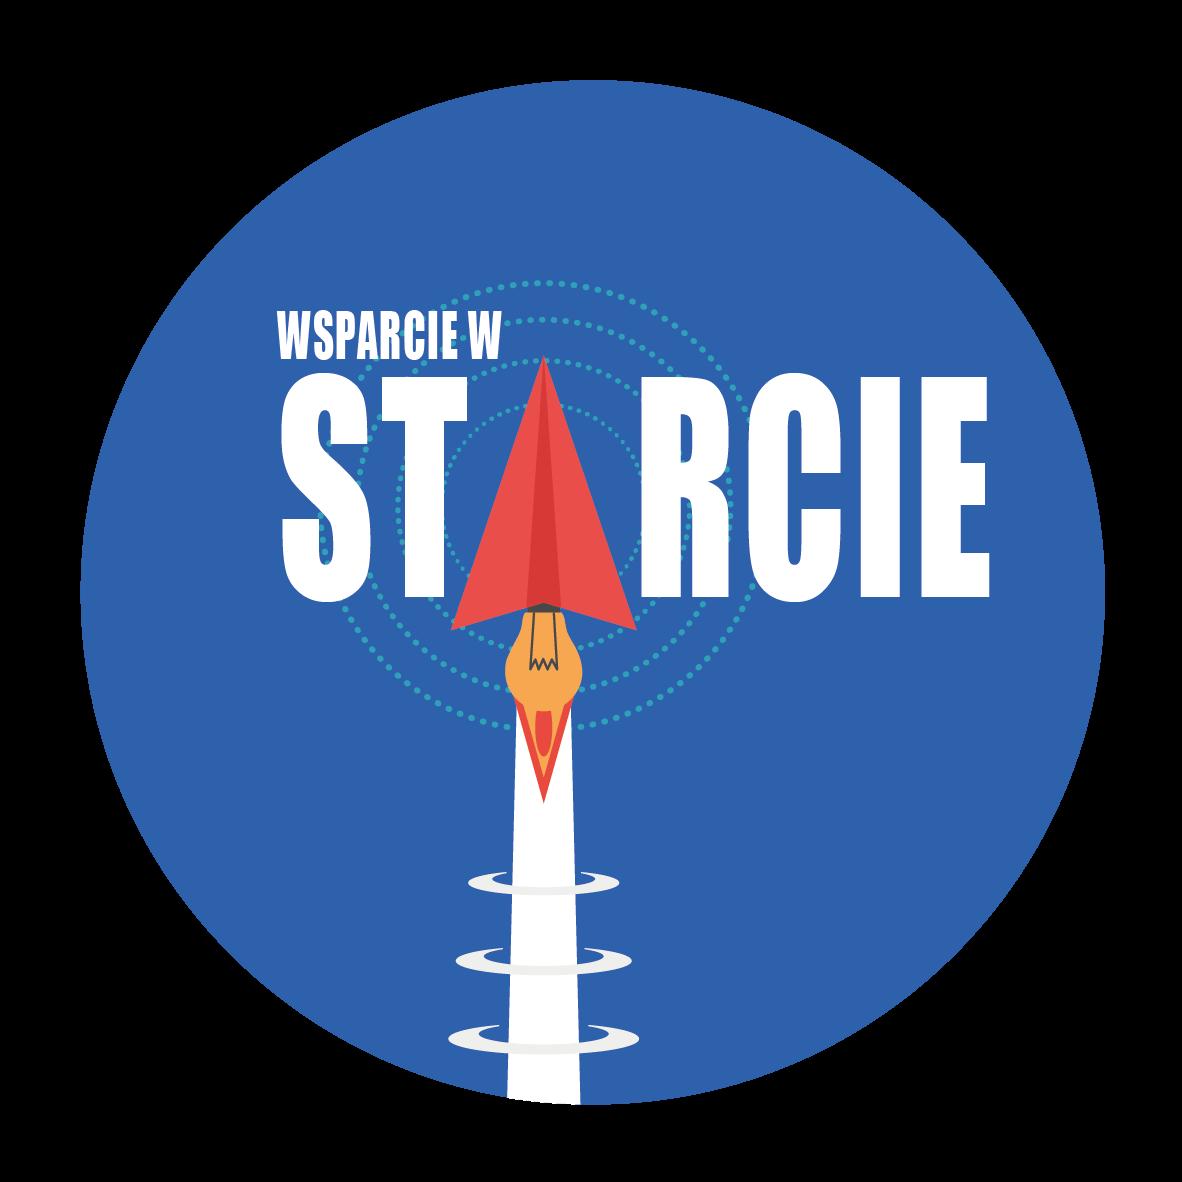 WSPARCIE W STARCIE – dotacje na samozatrudnienie dla mieszkańców województwa kujawsko-pomorskiego - ilustracja